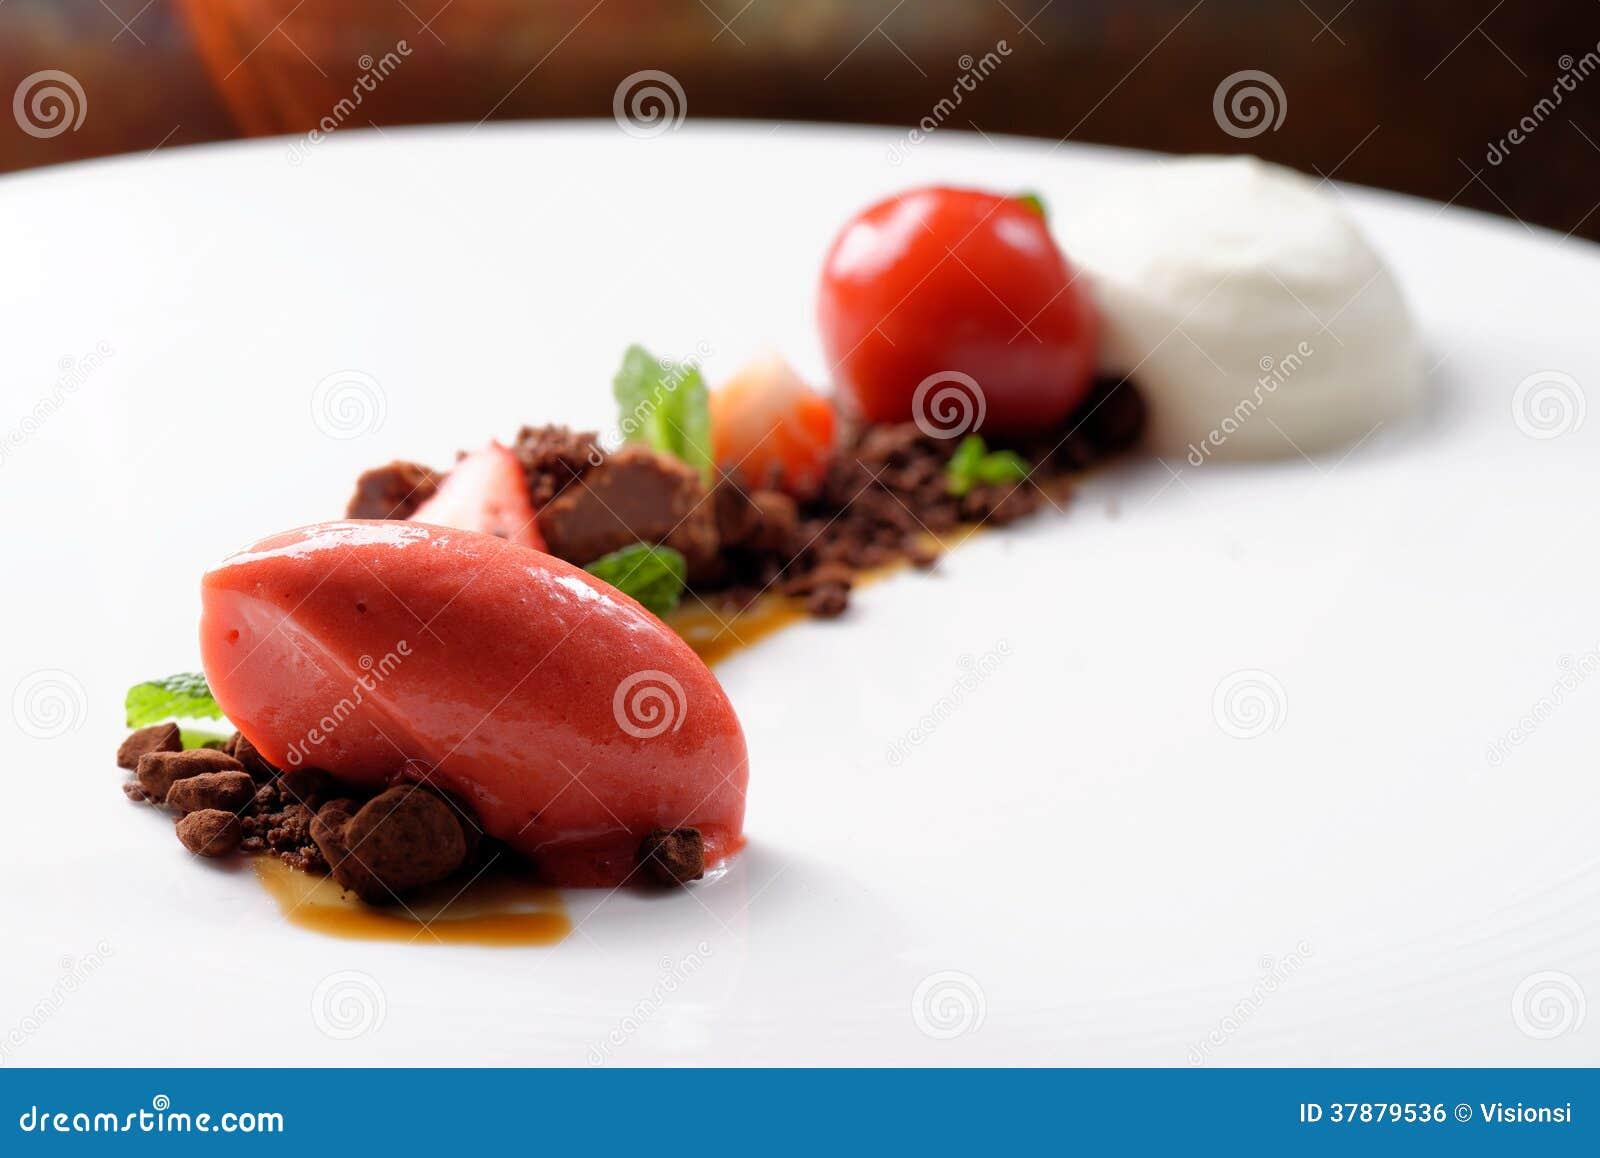 Sobremesa de jantar fina, gelado de morango, musse de chocolate